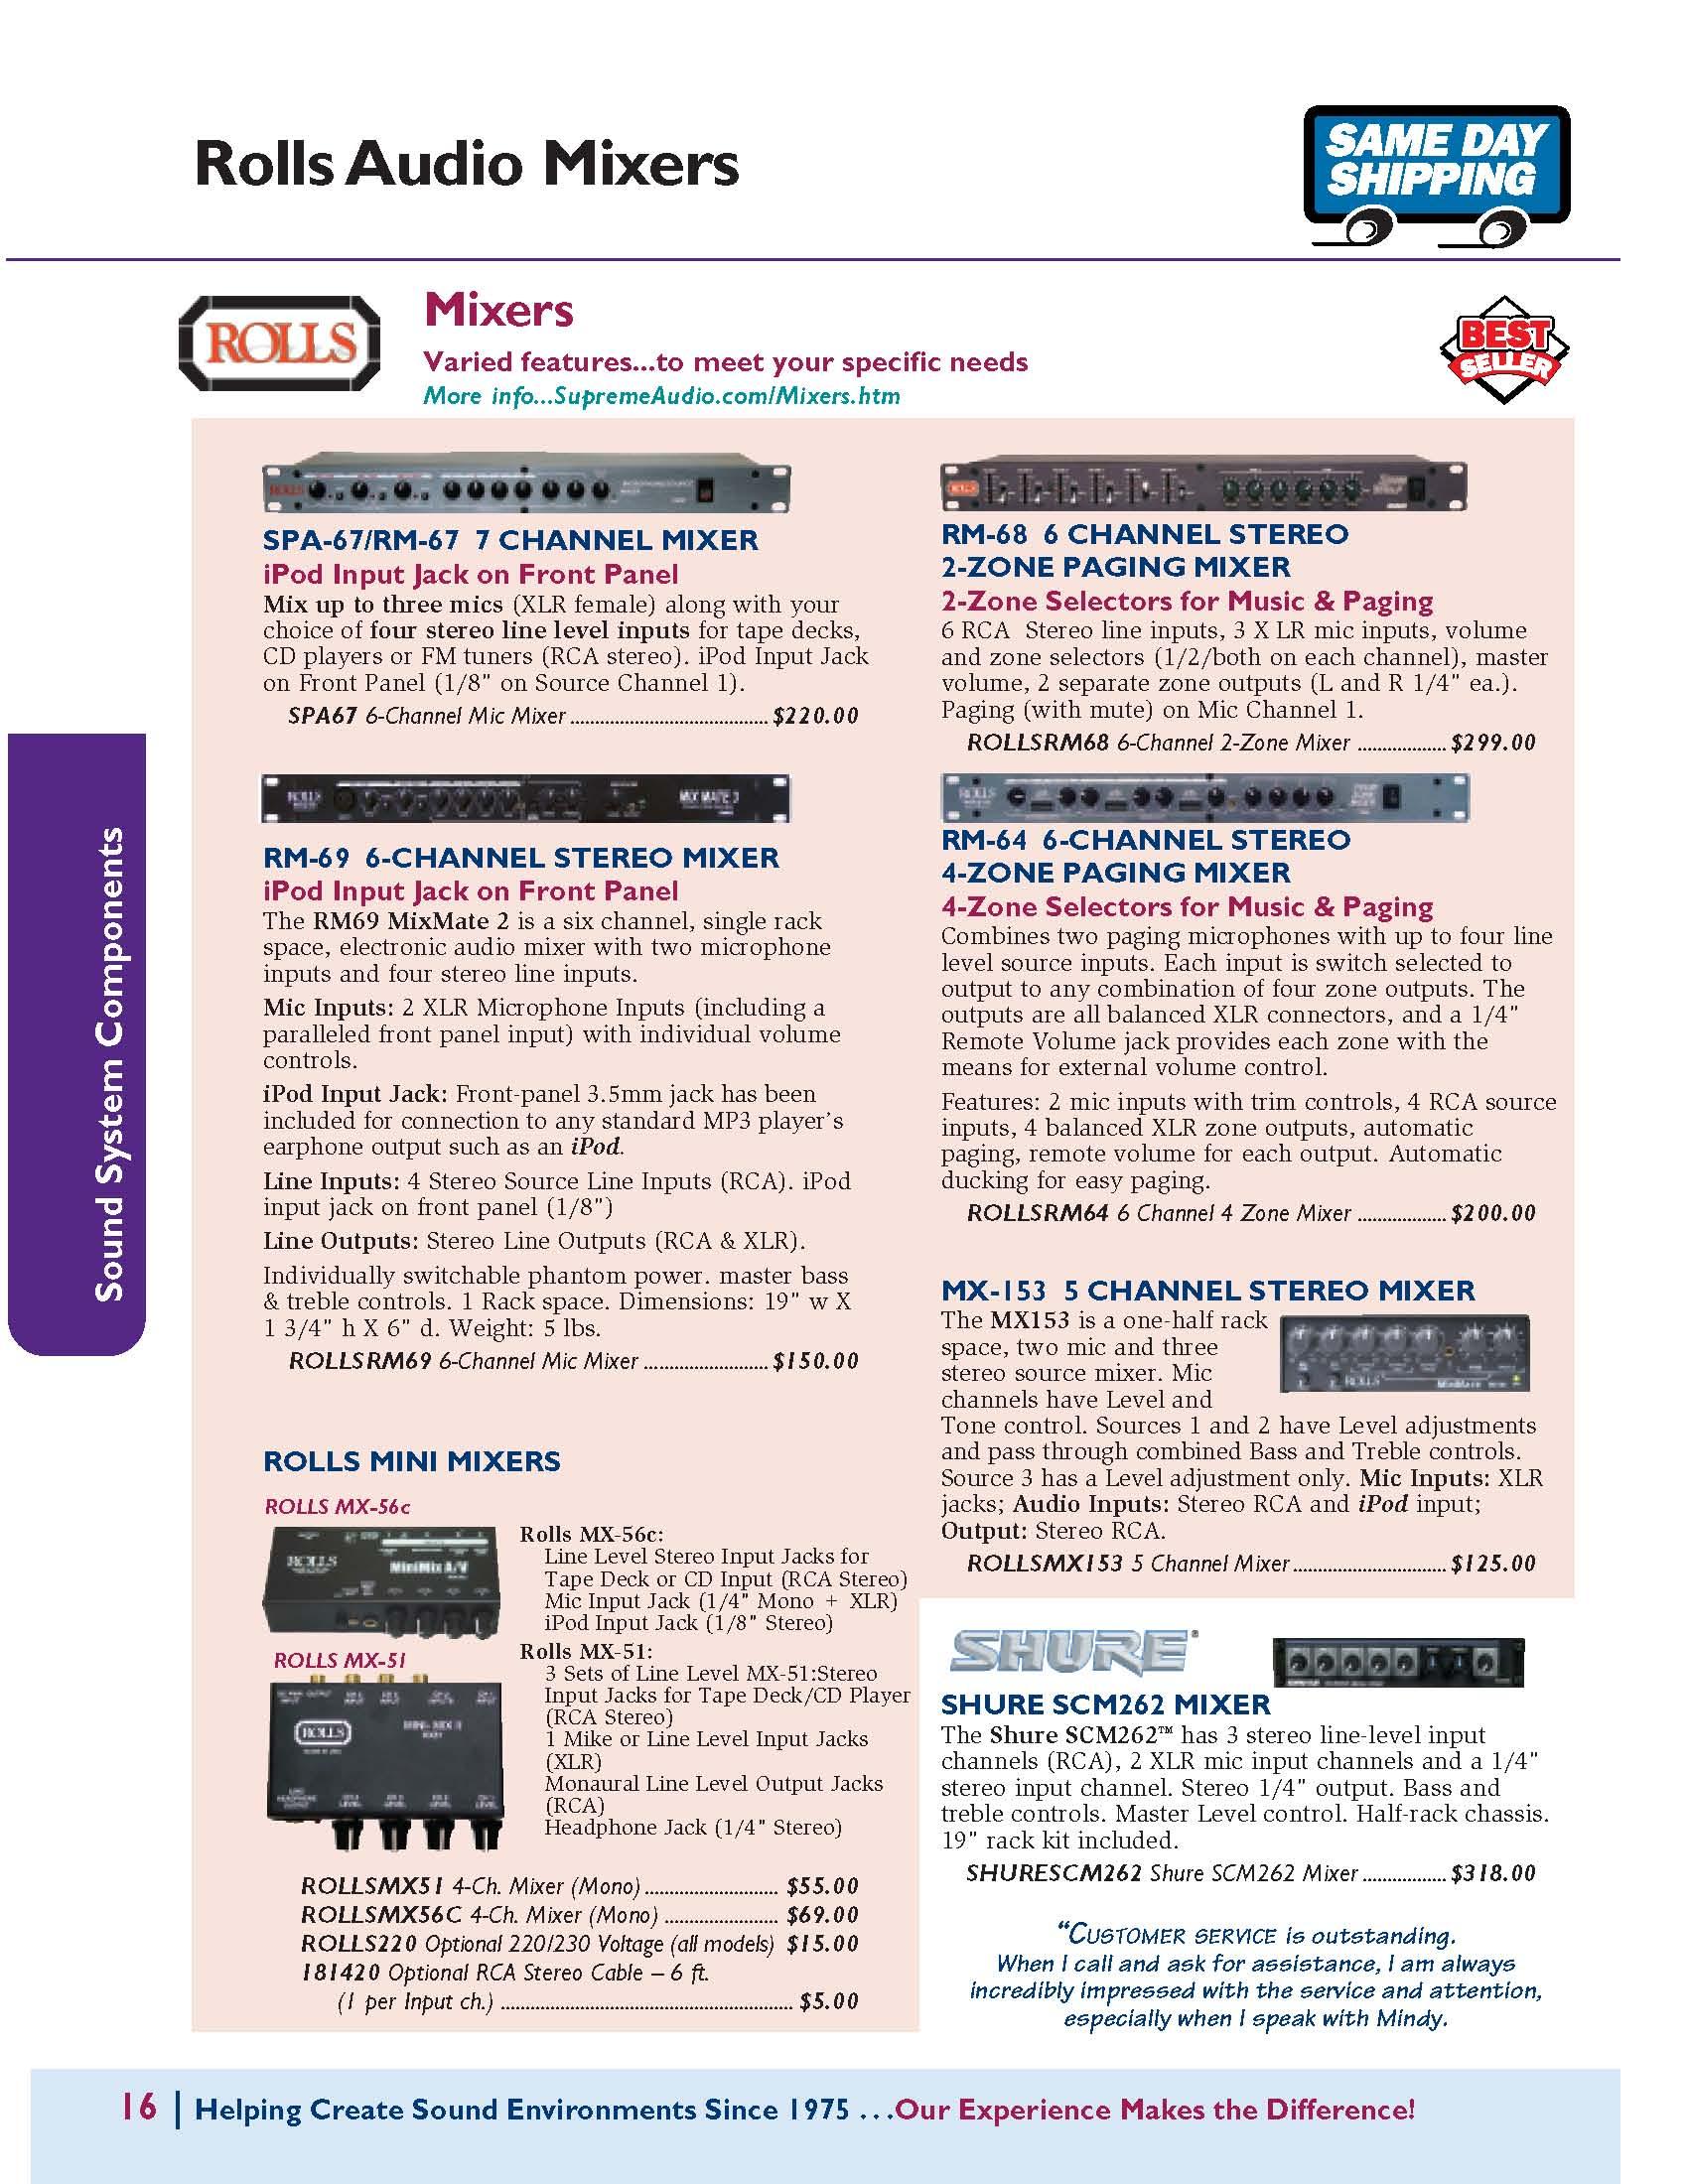 Rolls & Shure Mixers